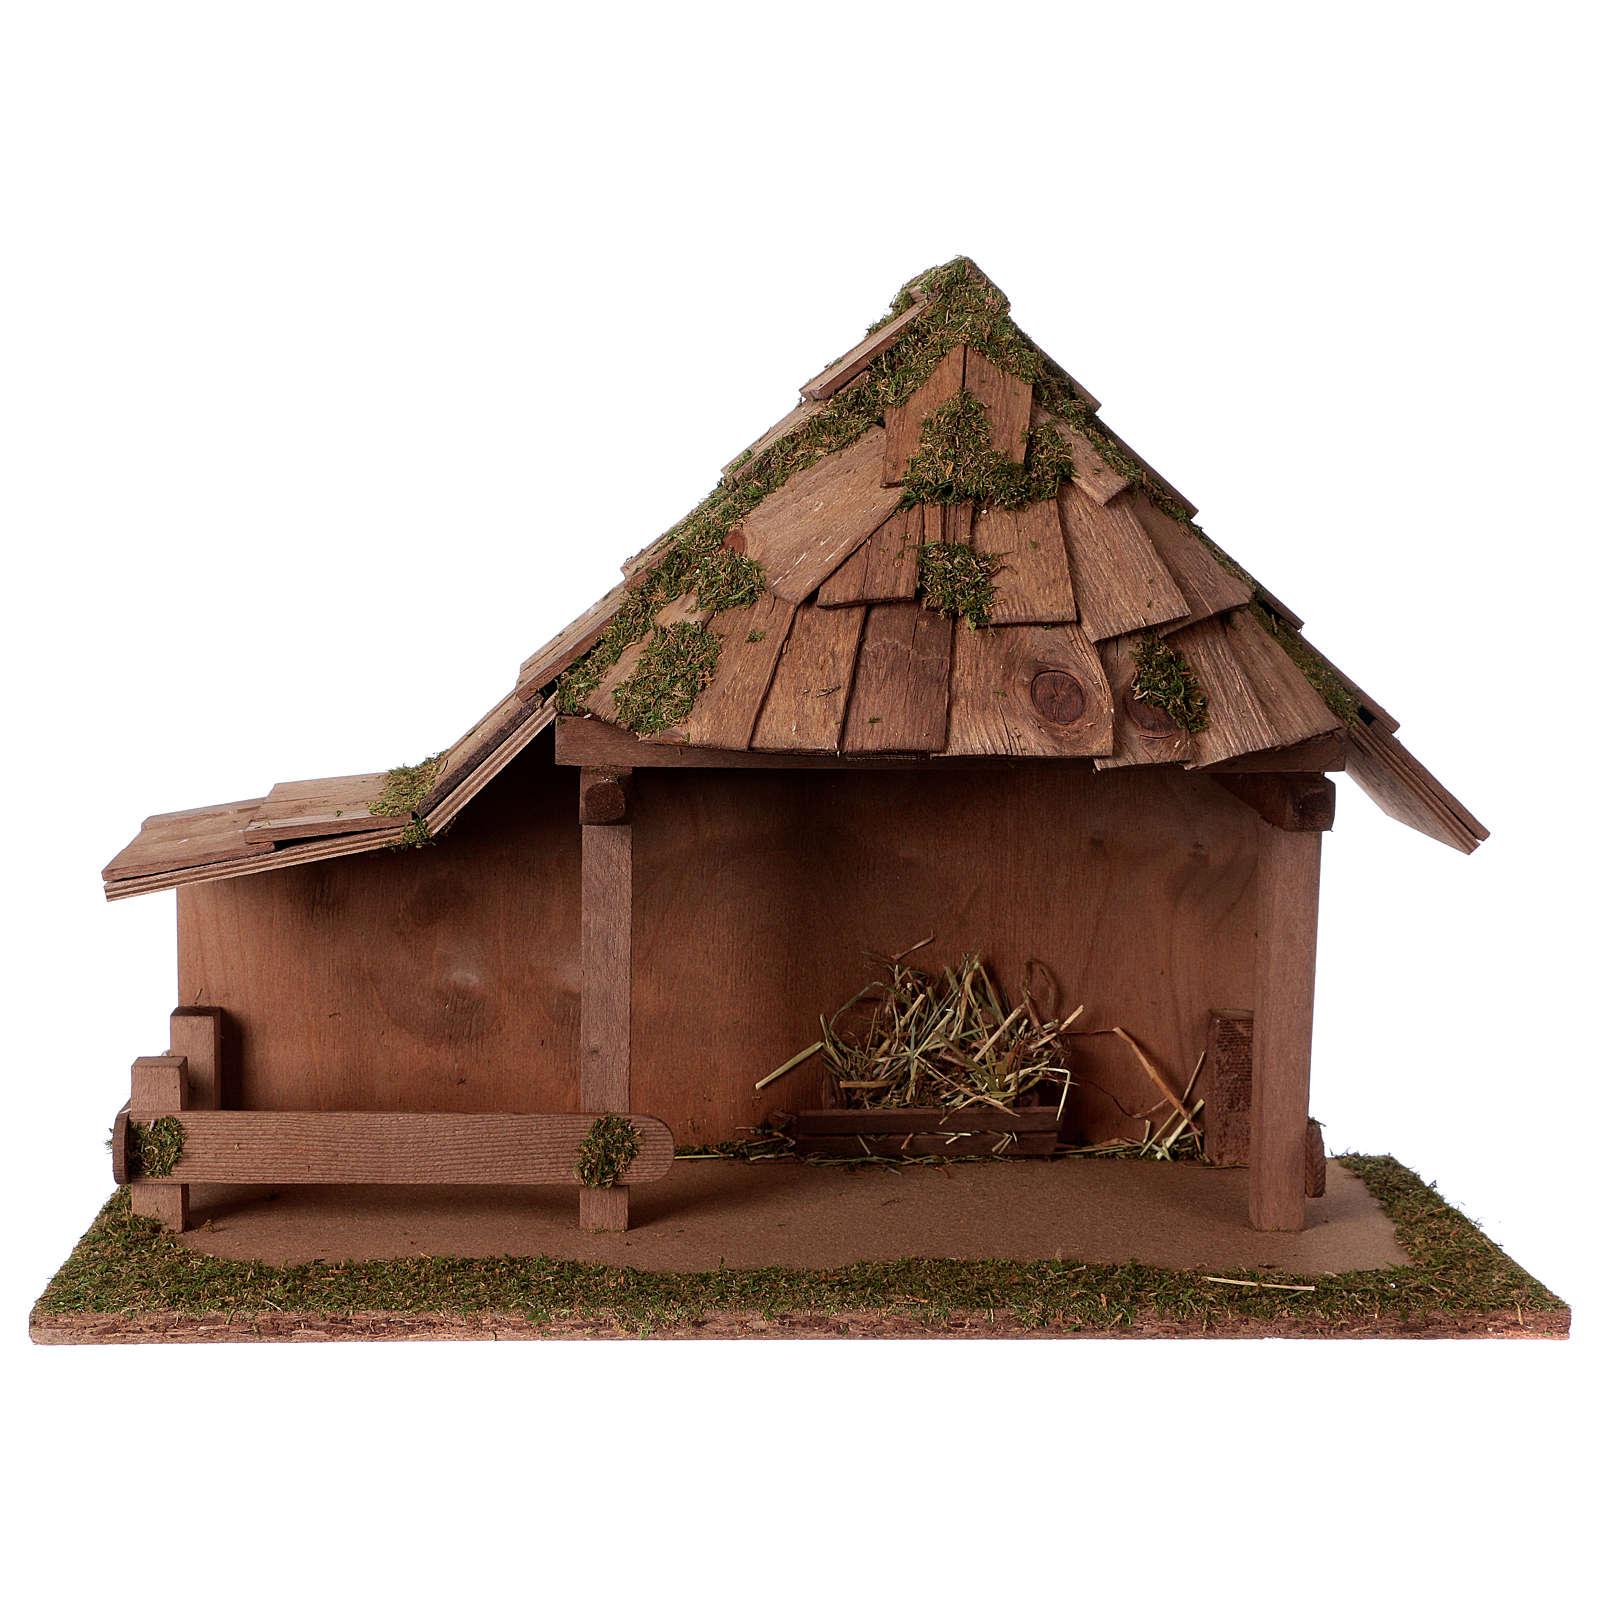 Capanna tetto conico con stalla 29x59x30 cm per presepi di 13 cm 4